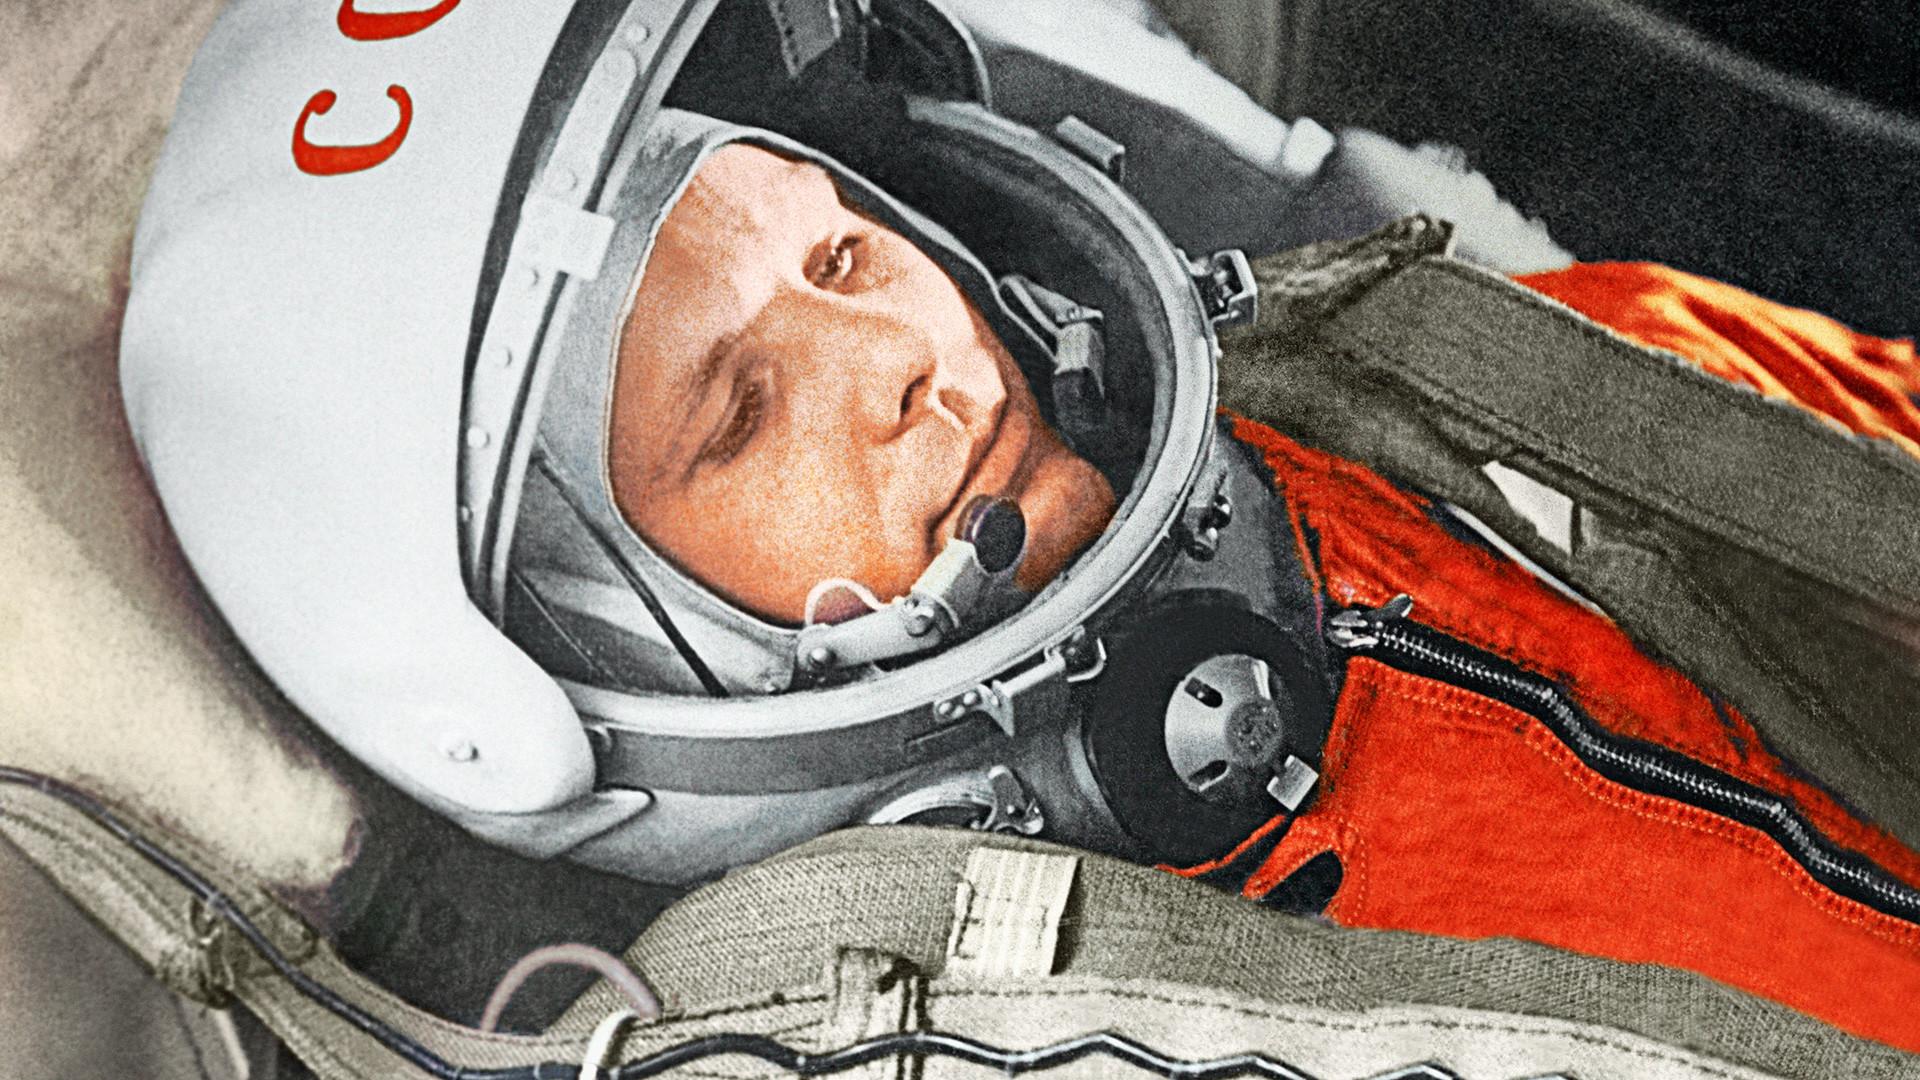 """Юрий Гагарин в кабине космического корабля """"Восток"""" во время первого в мире орбитального космического полета 12 апреля 1961 года."""